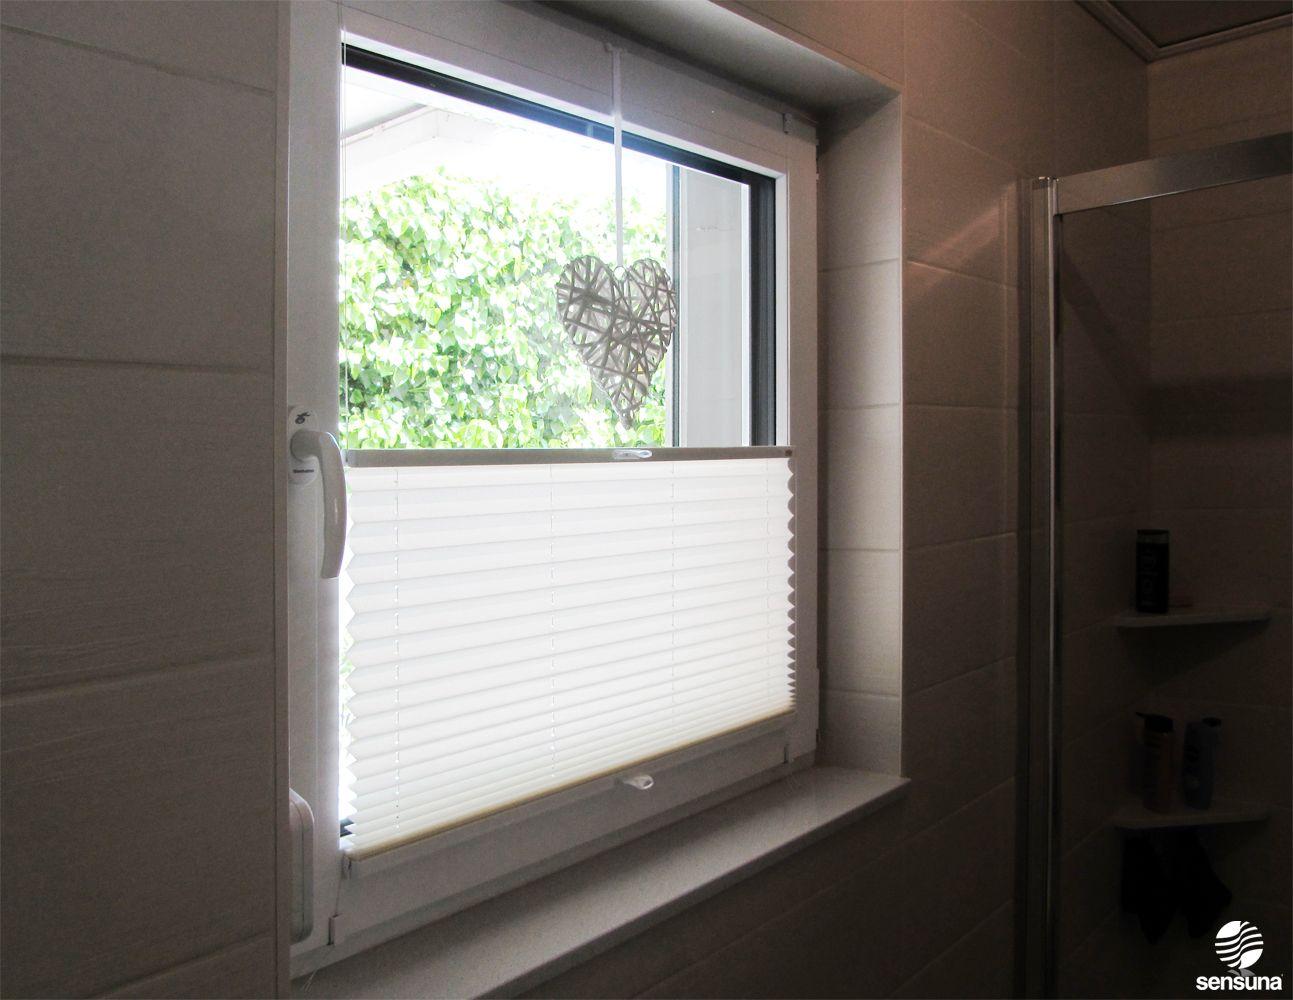 Sichtschutz Am Badezimmer Fenster Dank Neuem Sensuna Plissee Aus Dem Raumtextilienshop Ein Kundenfoto Badezimmer Ohne Fenster Luxus Badezimmer Badezimmer